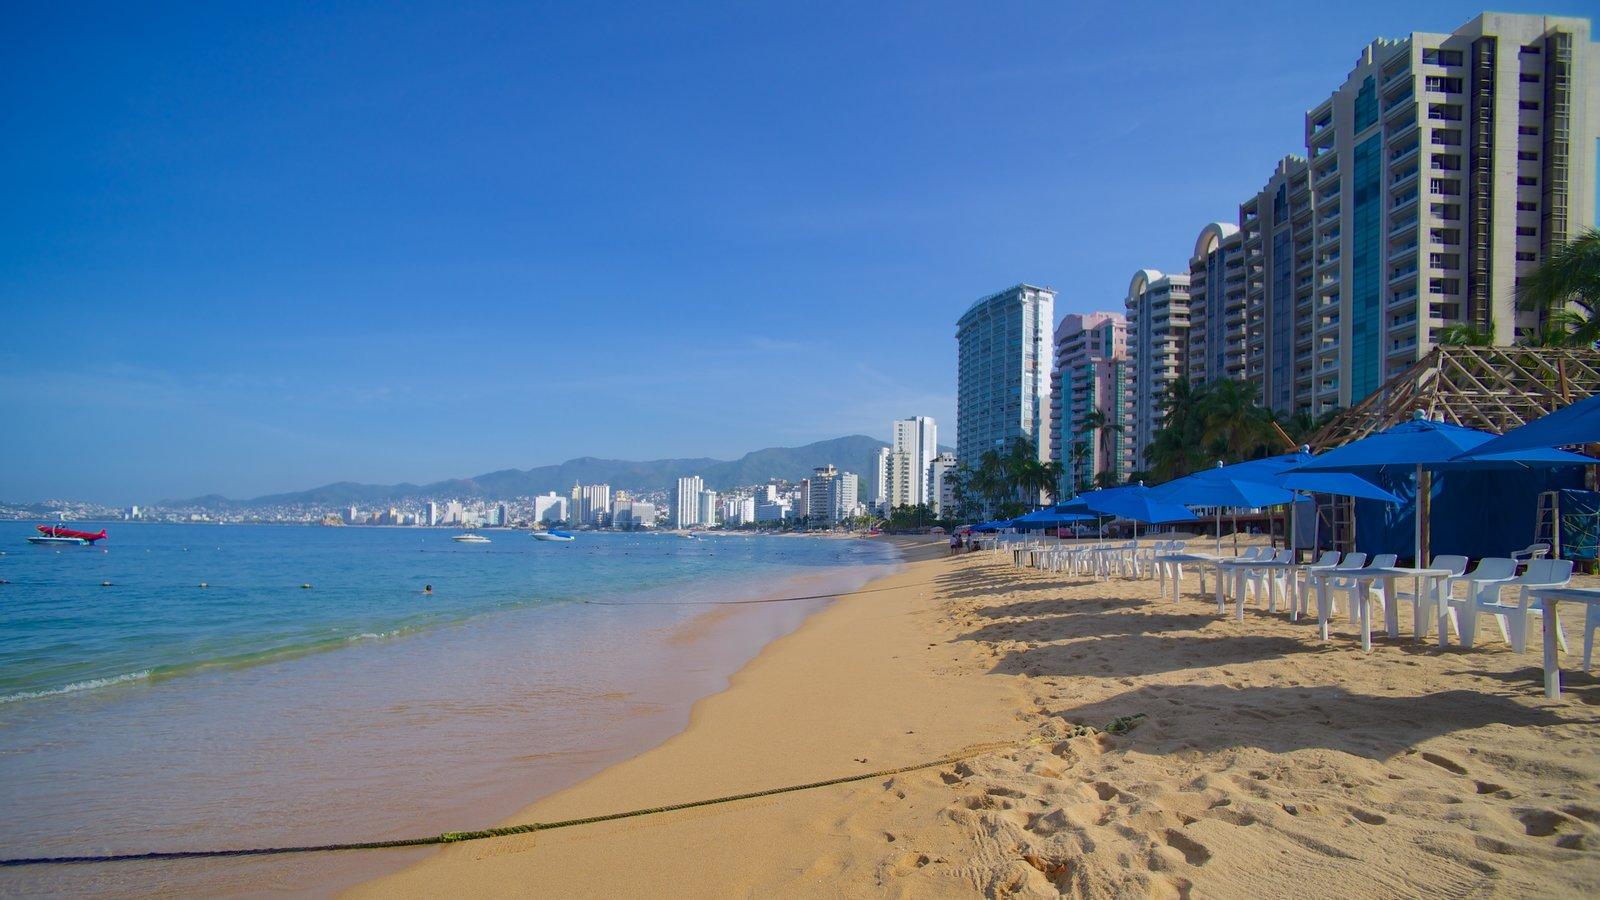 Playa Icacos mostrando una ciudad y una playa de arena